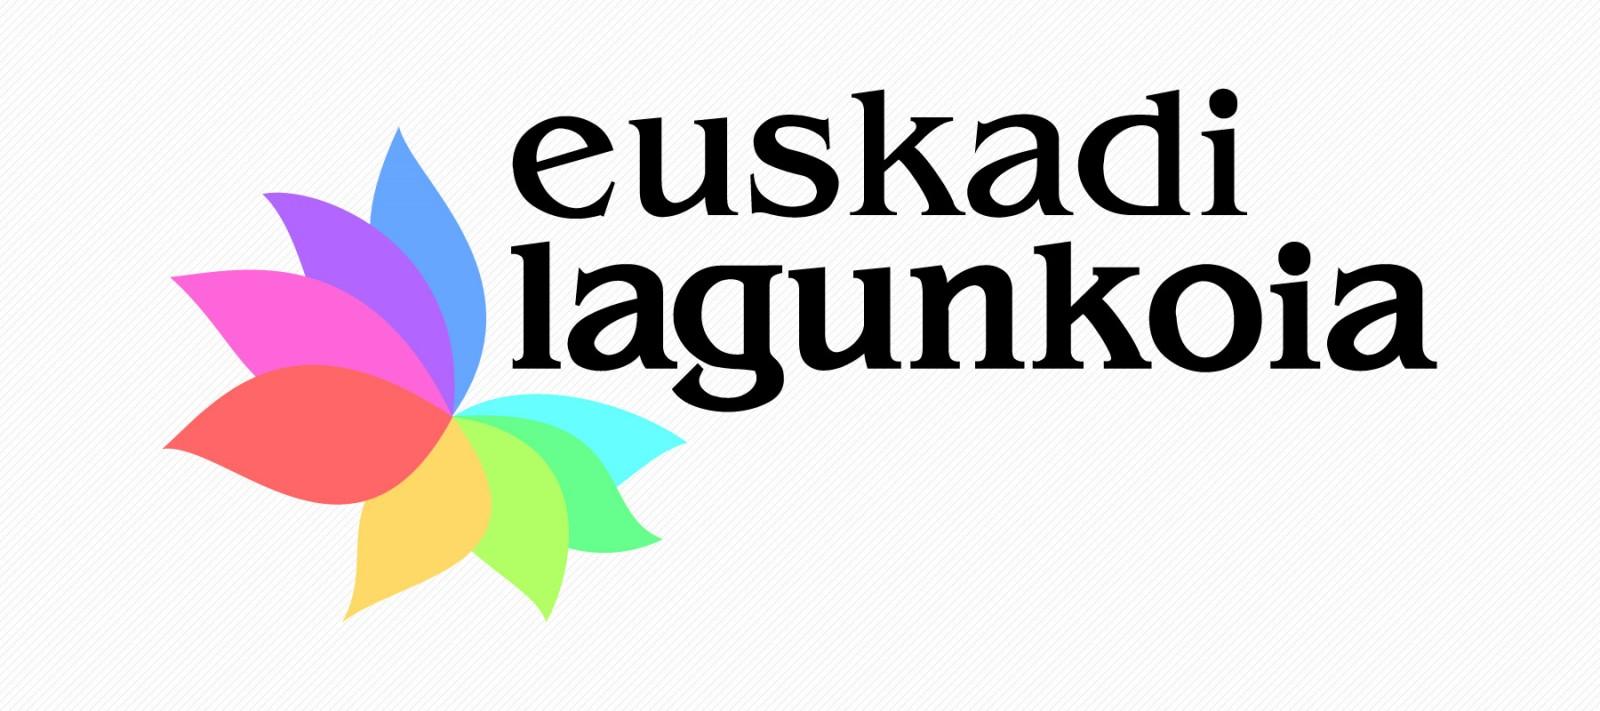 euskadilagunkoia_diseno_01-1600x711.jpg